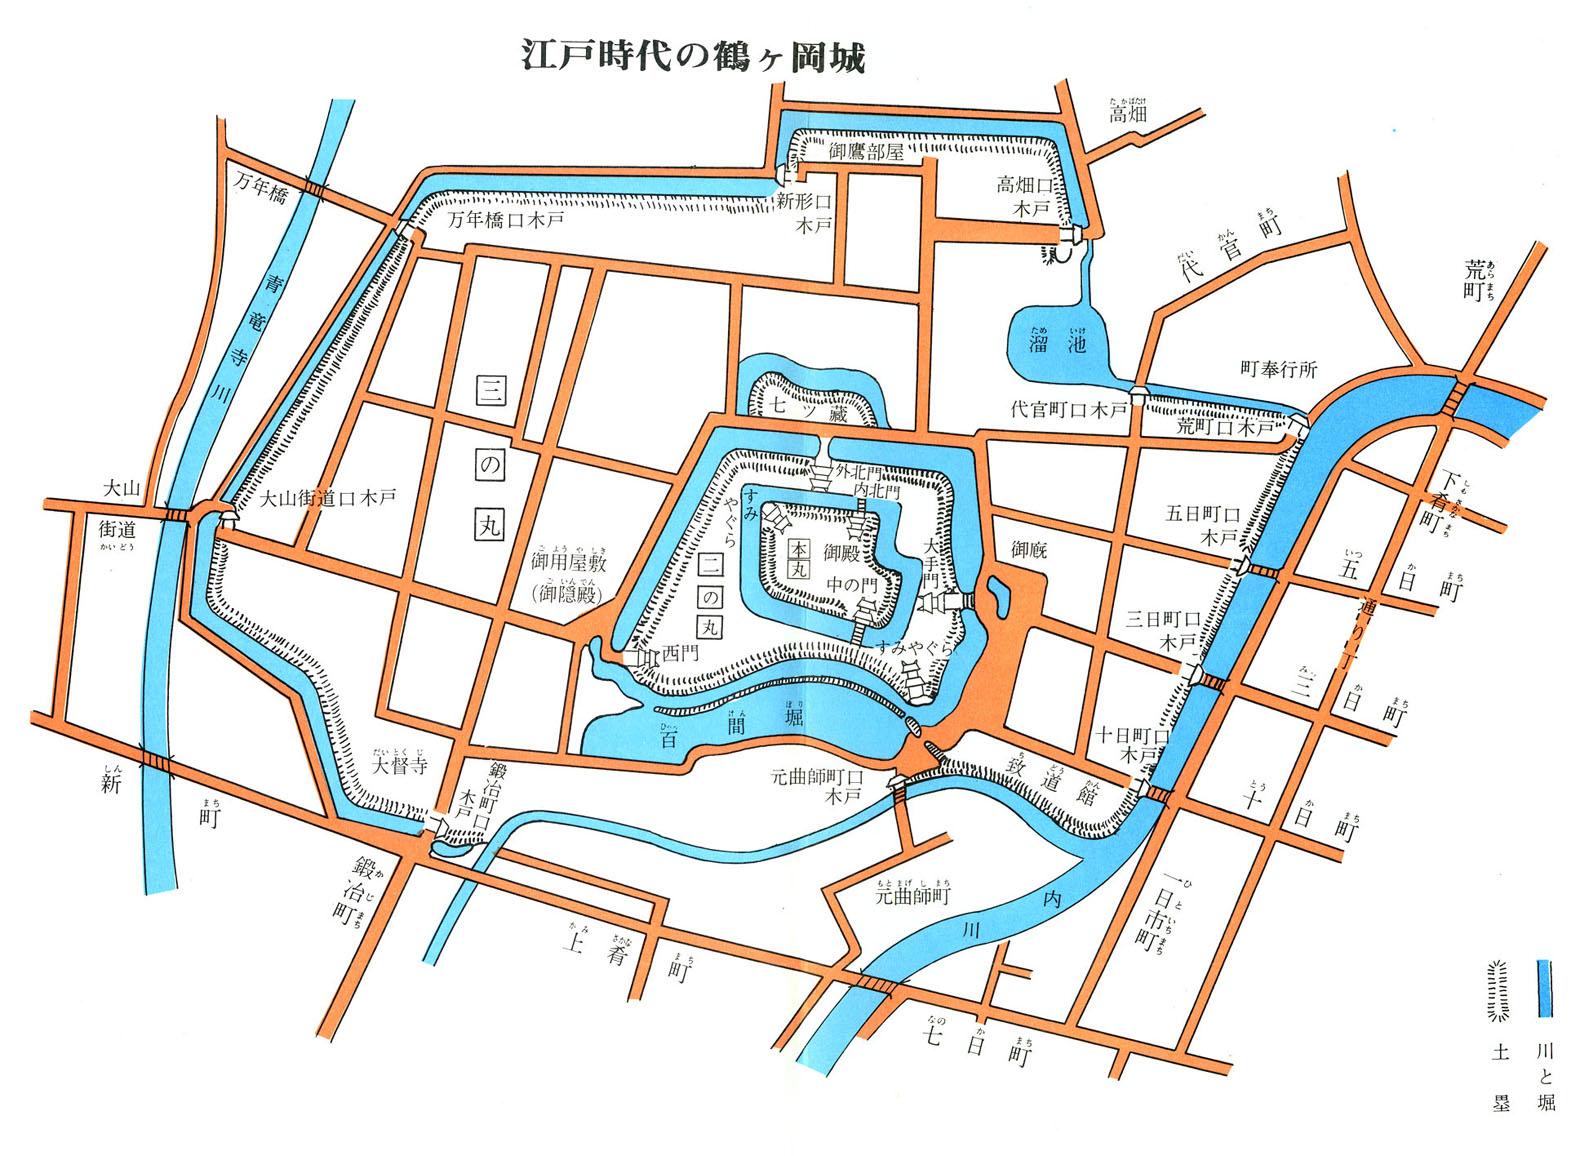 20010813_tsuruoka_jokamachi_ezu_full.jpg